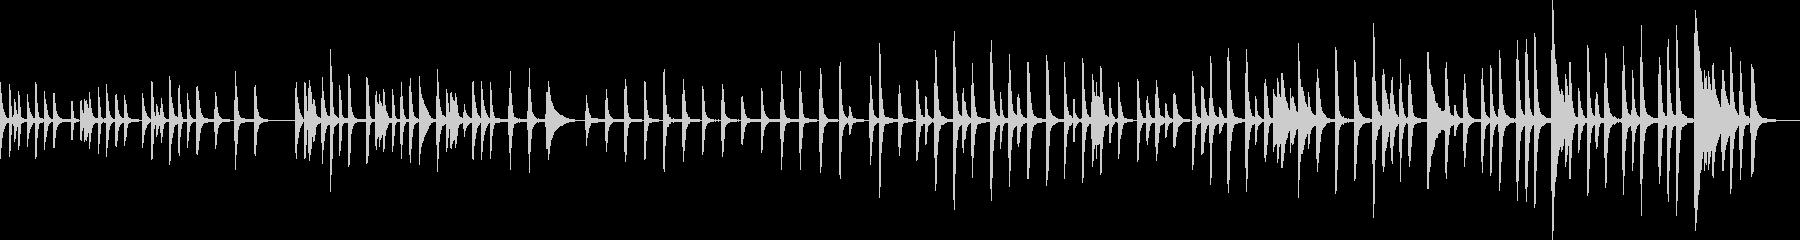 ほのぼのした可愛いピアノ曲の未再生の波形